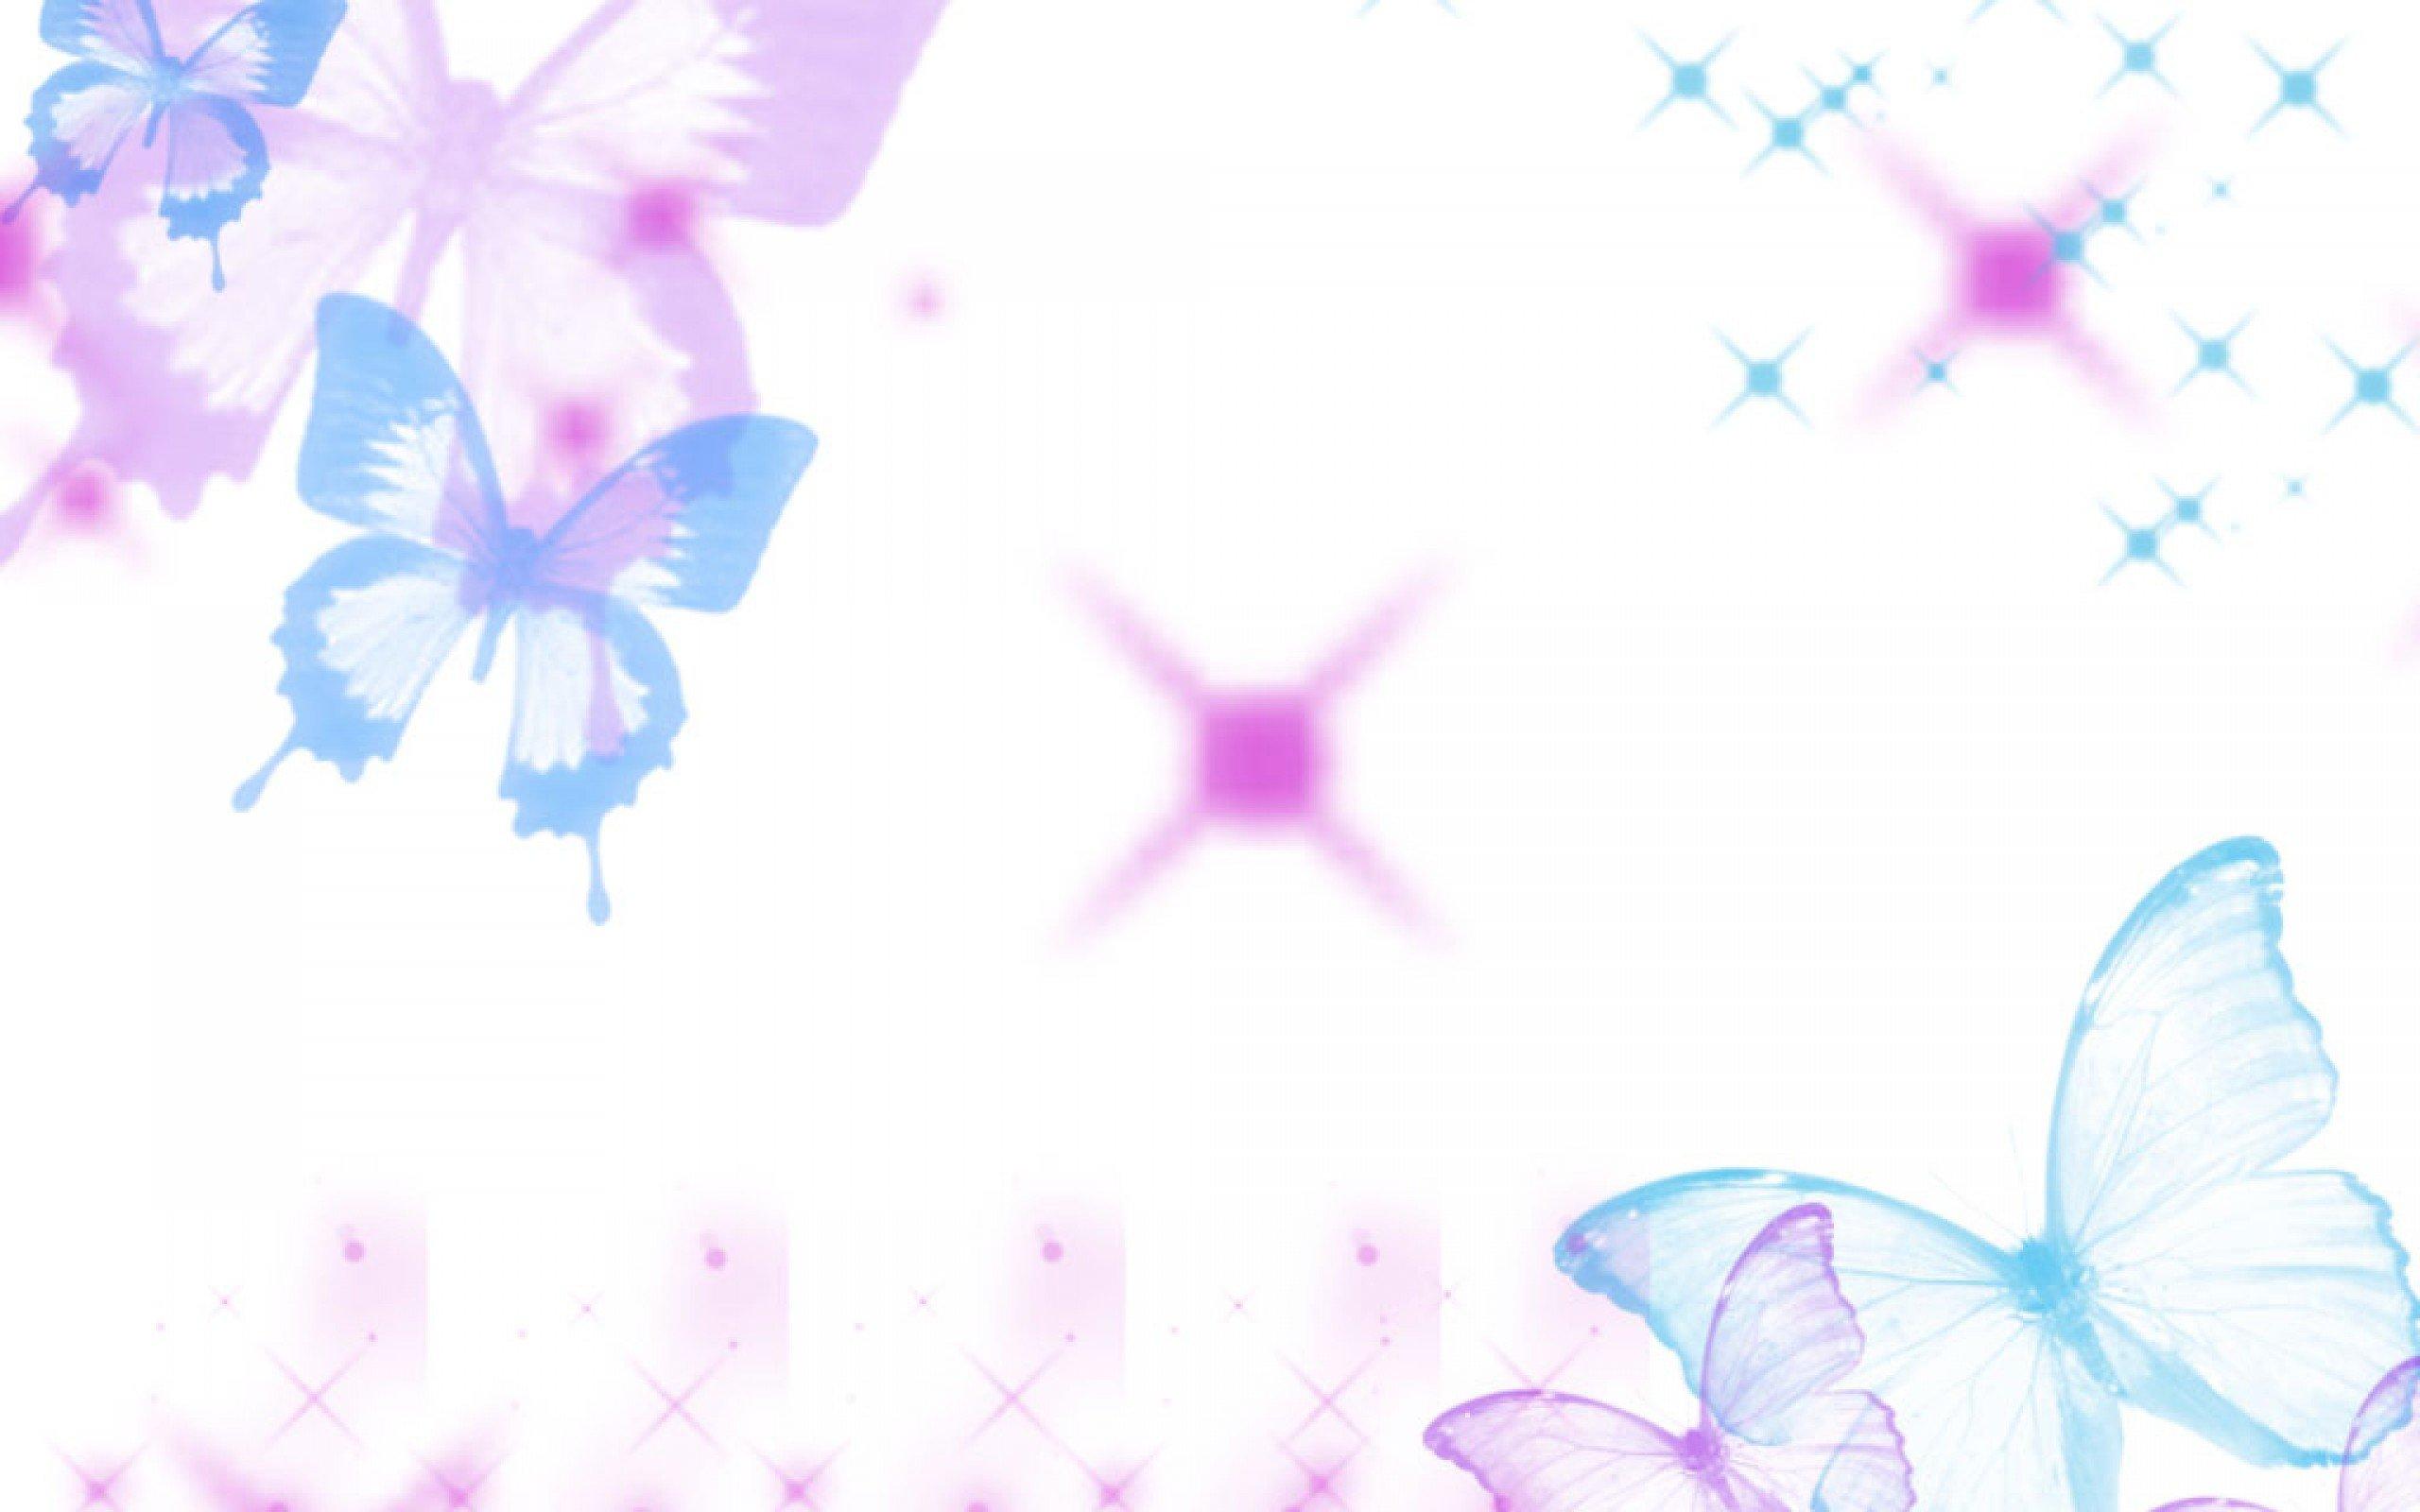 Cute purple butterfly backgrounds.